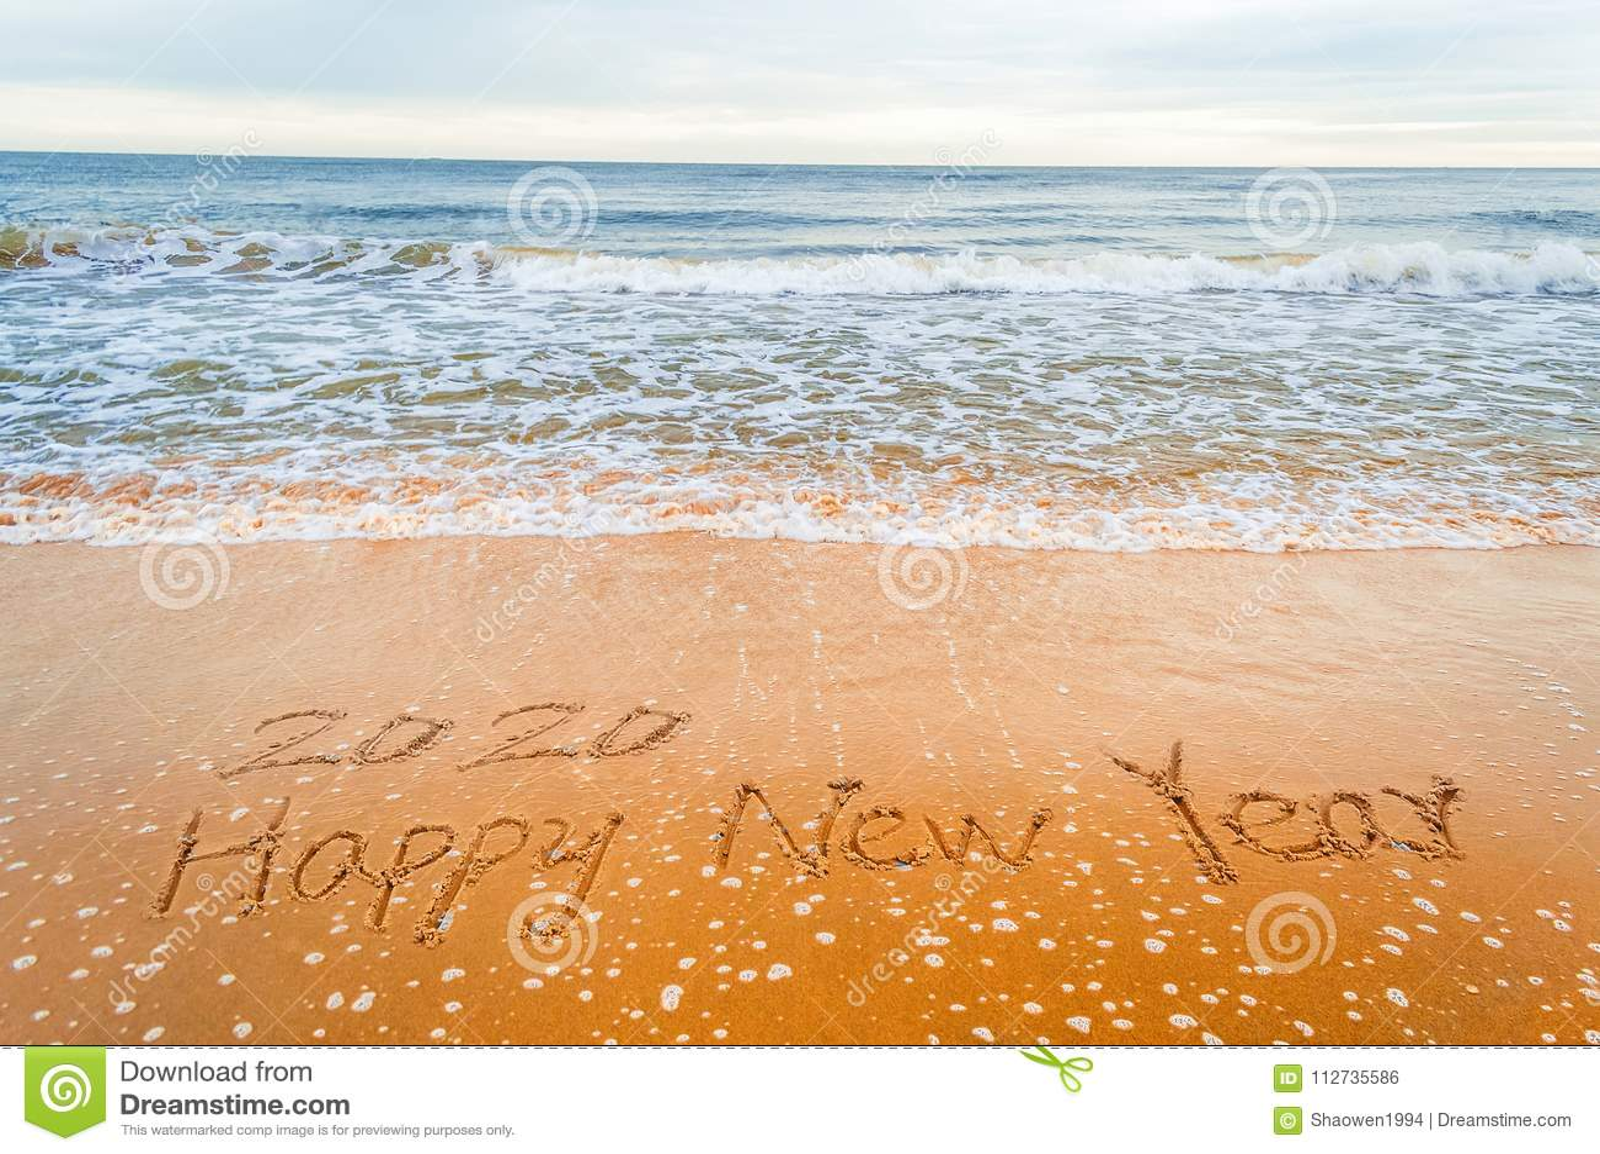 Skriv 2020 lyckliga nya år på stranden